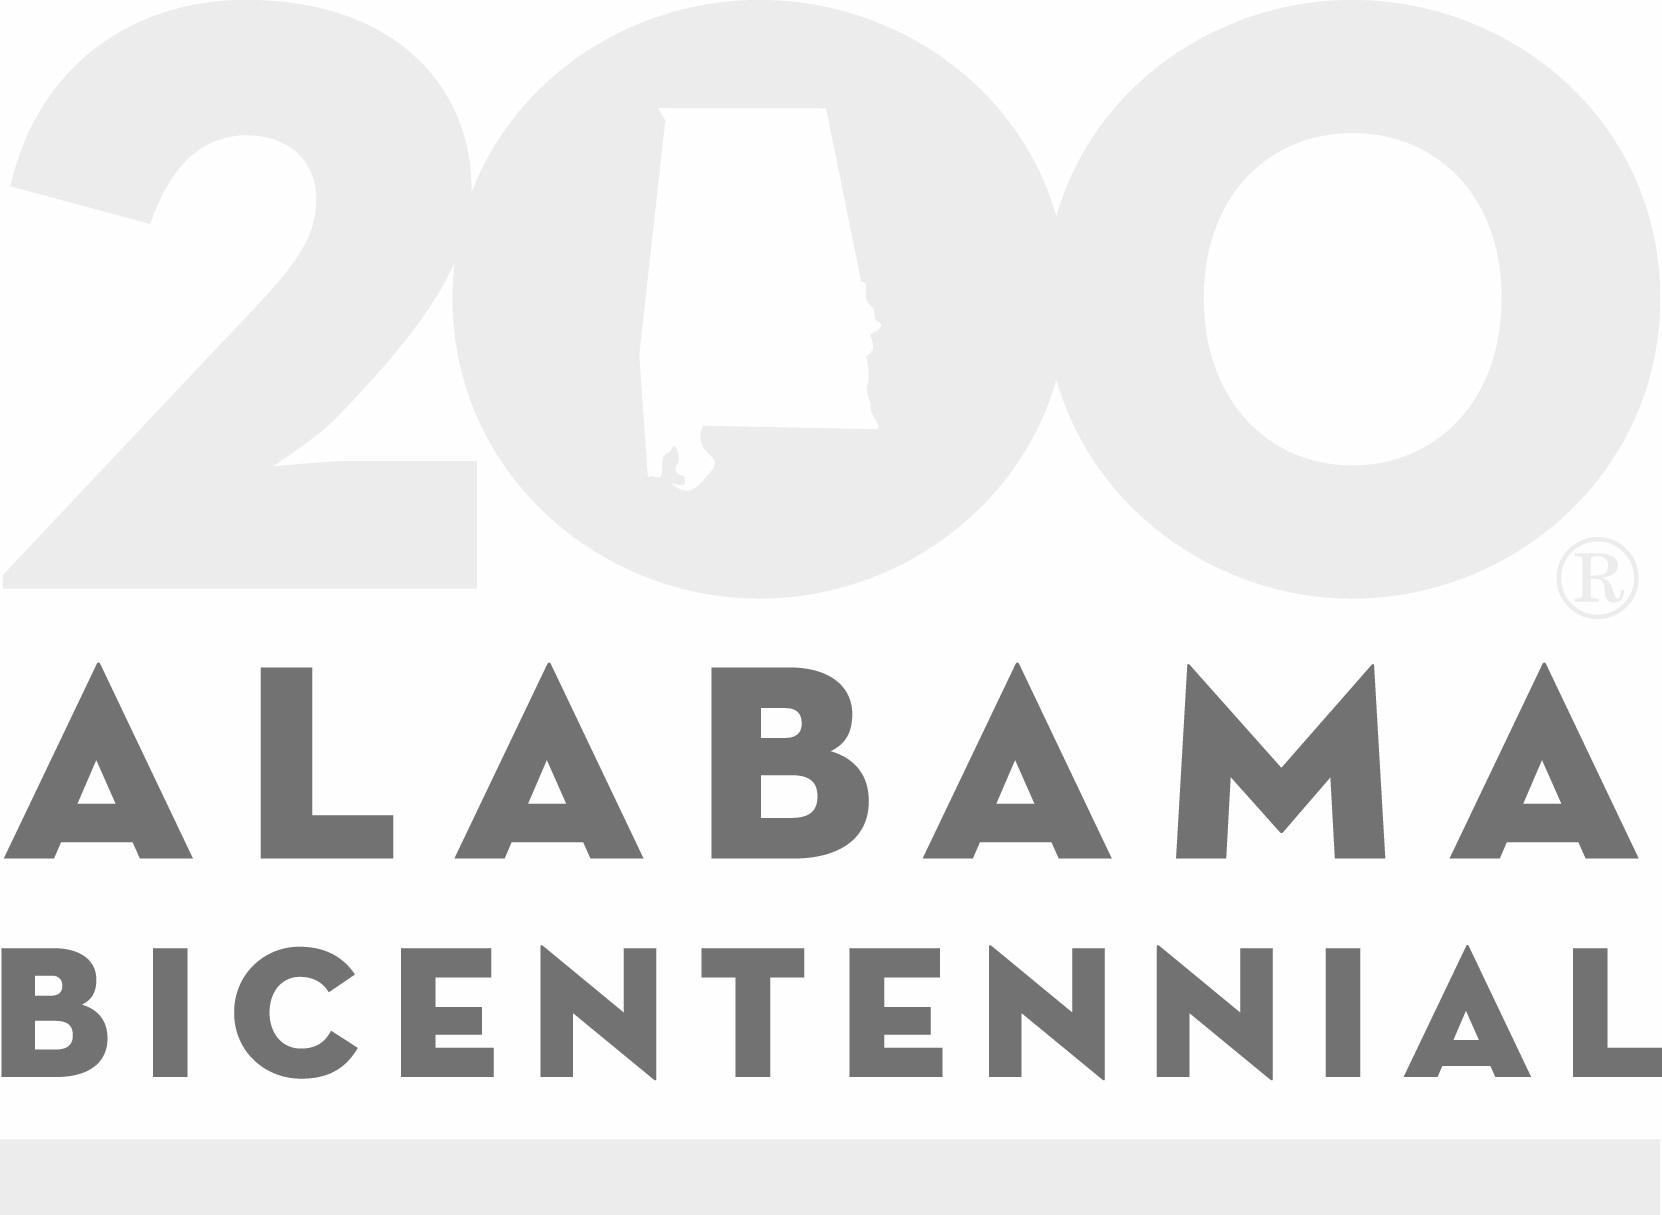 ALABAMA 200: Celebrating 200 Years of Statehood - Jay Lamar, Executive Director